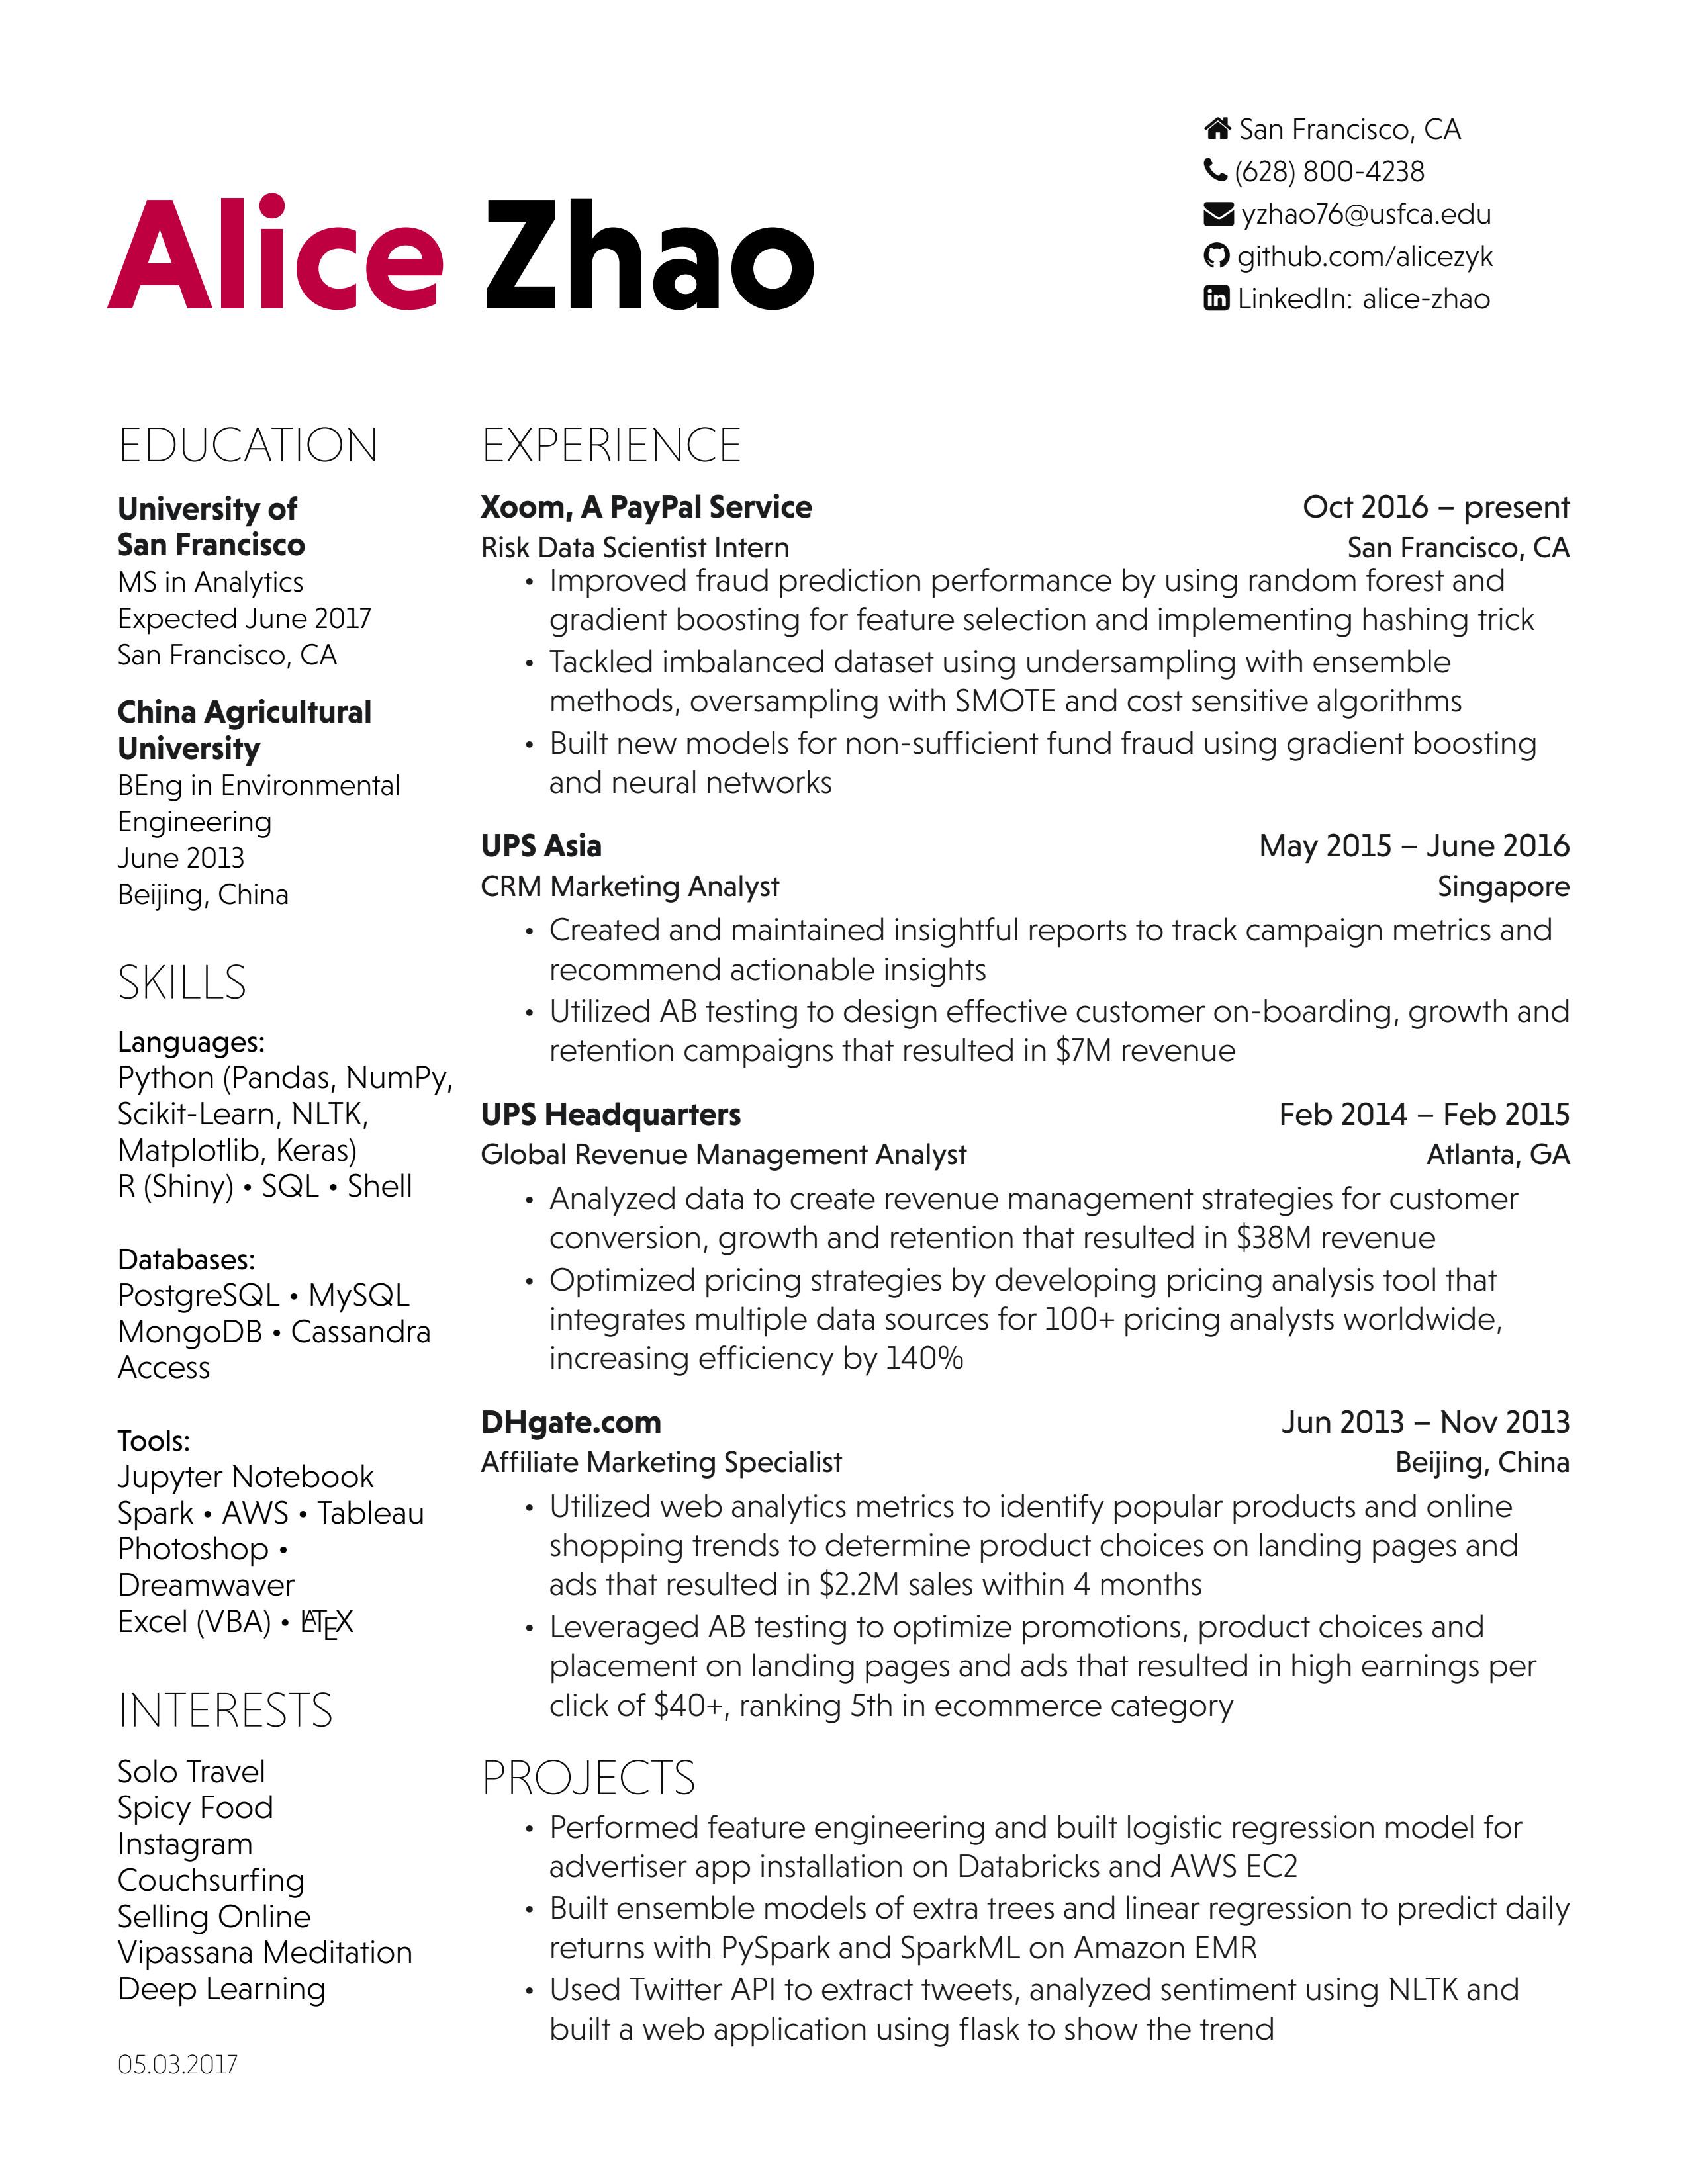 Alice Zhao   HireClub